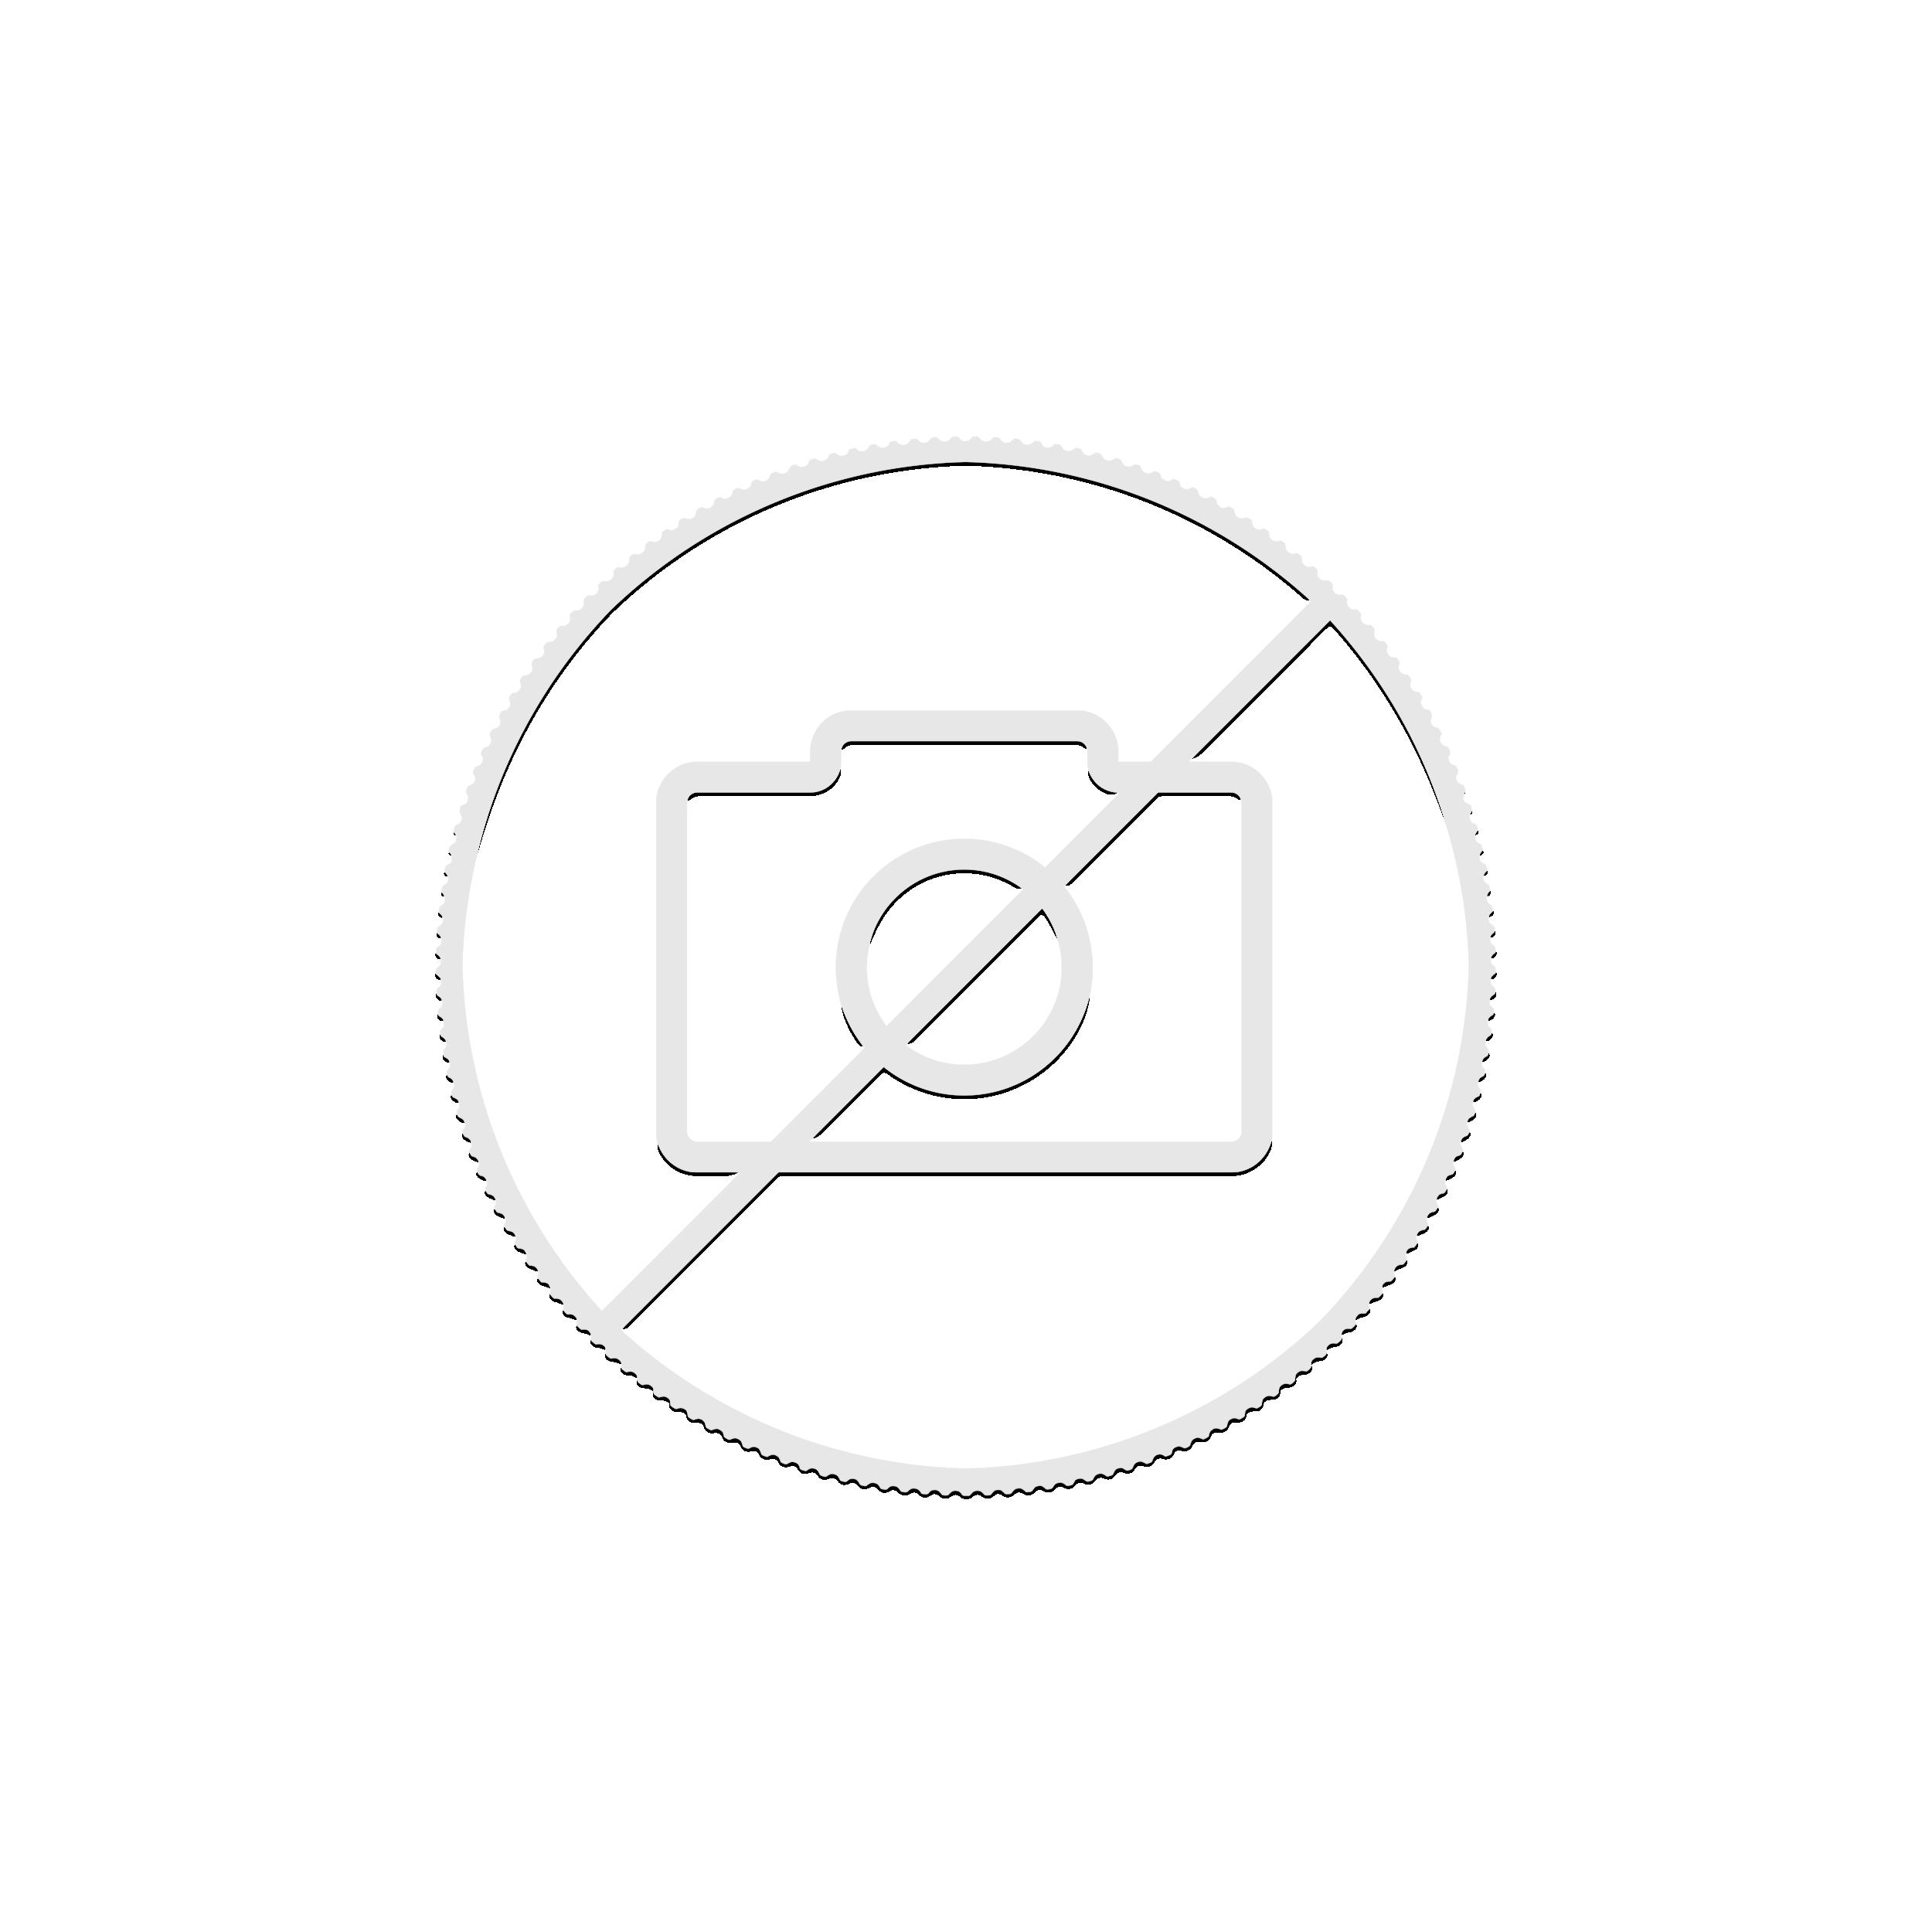 1/2 Troy ounce gold coin Lunar 2020 - back